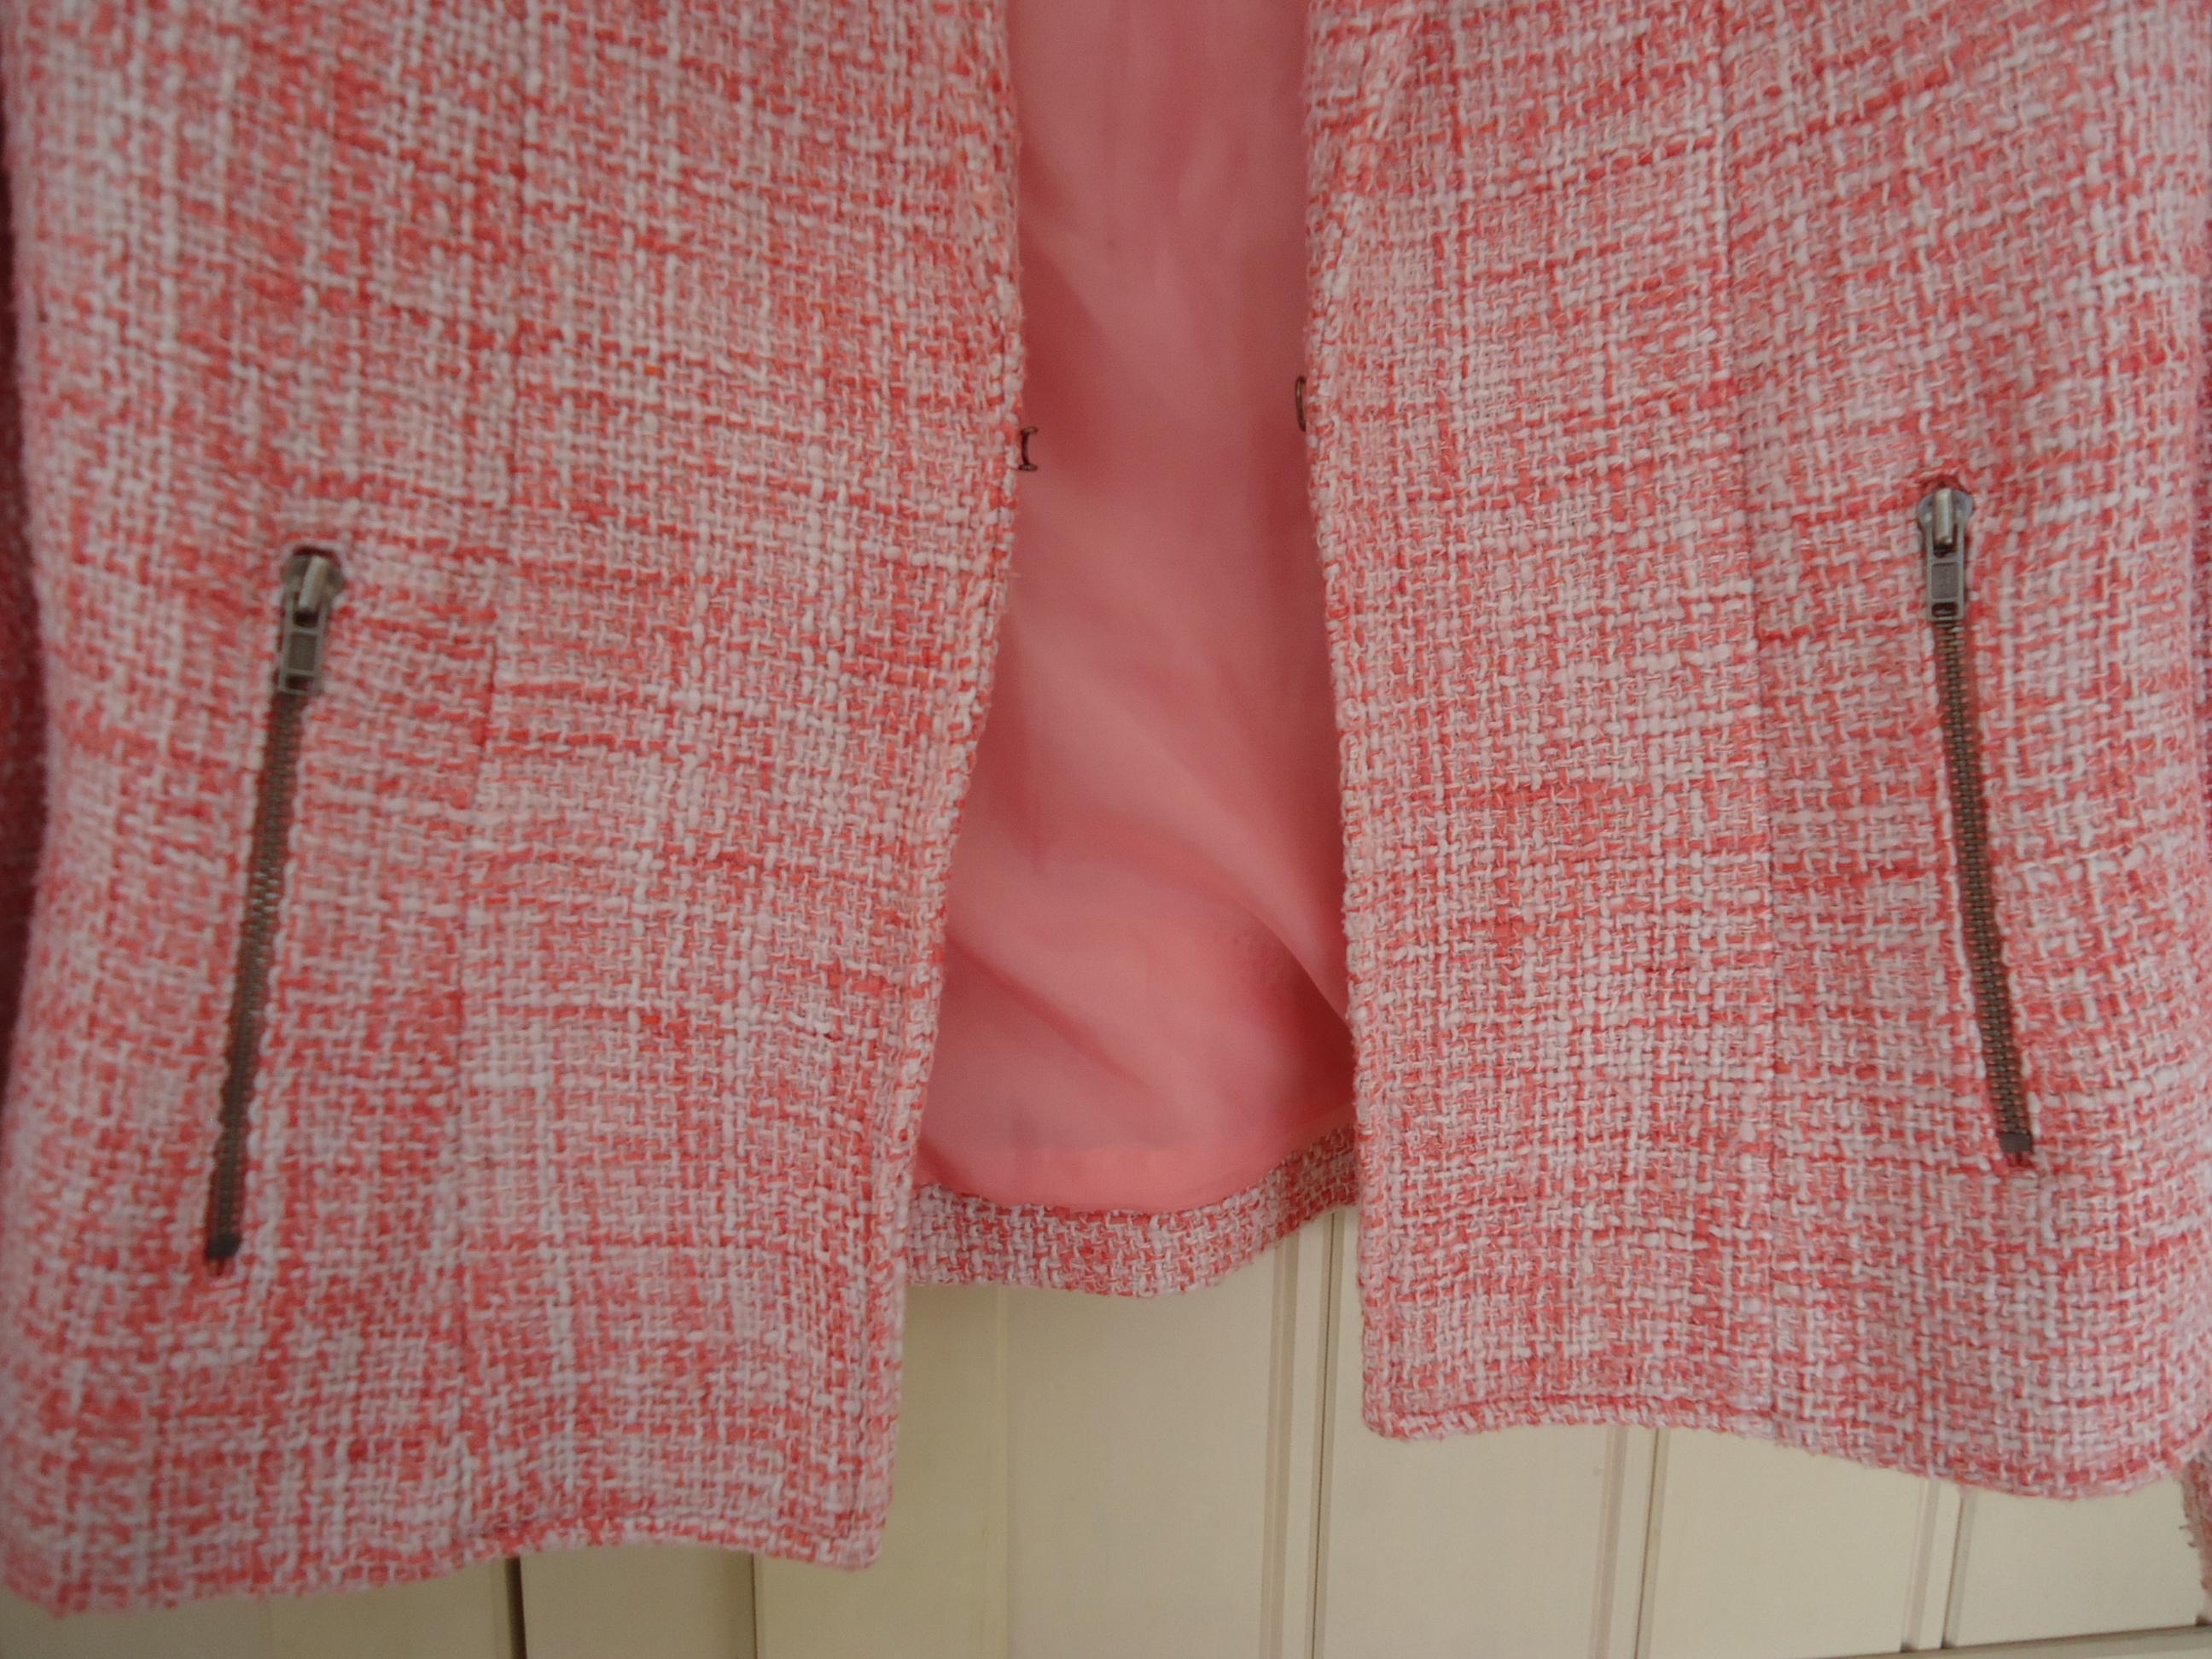 troc de troc veste tailleur rose chinée taille 38 image 2